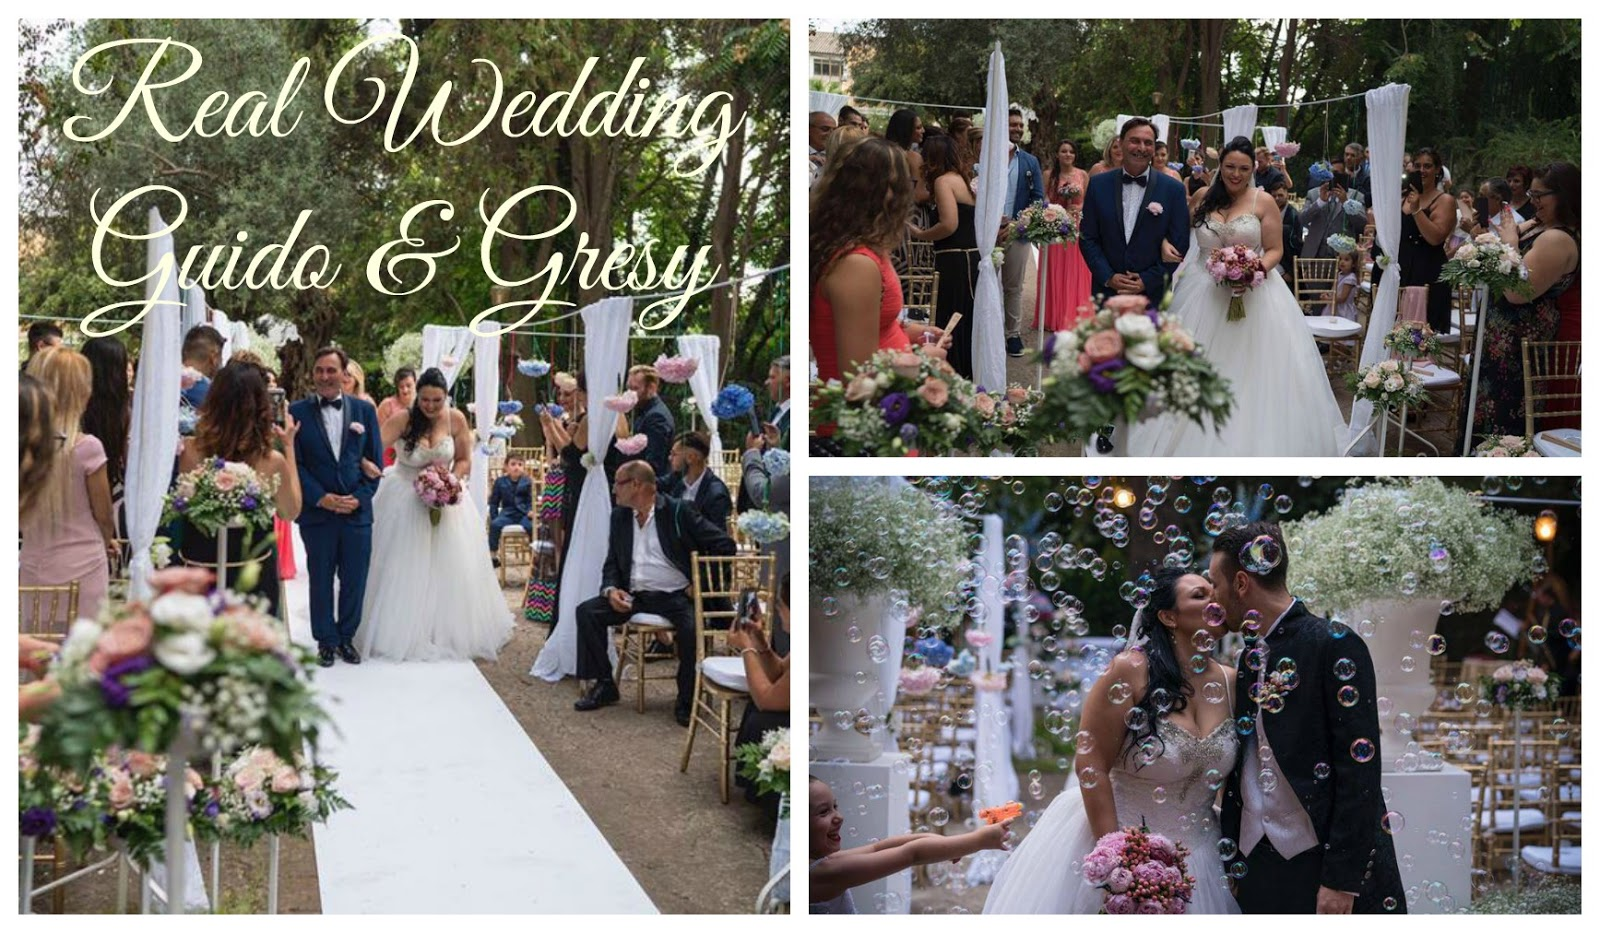 0d373899fb29 Sposine - Il blog della Sposa  Real Wedding - Guido   Gresy a Catania